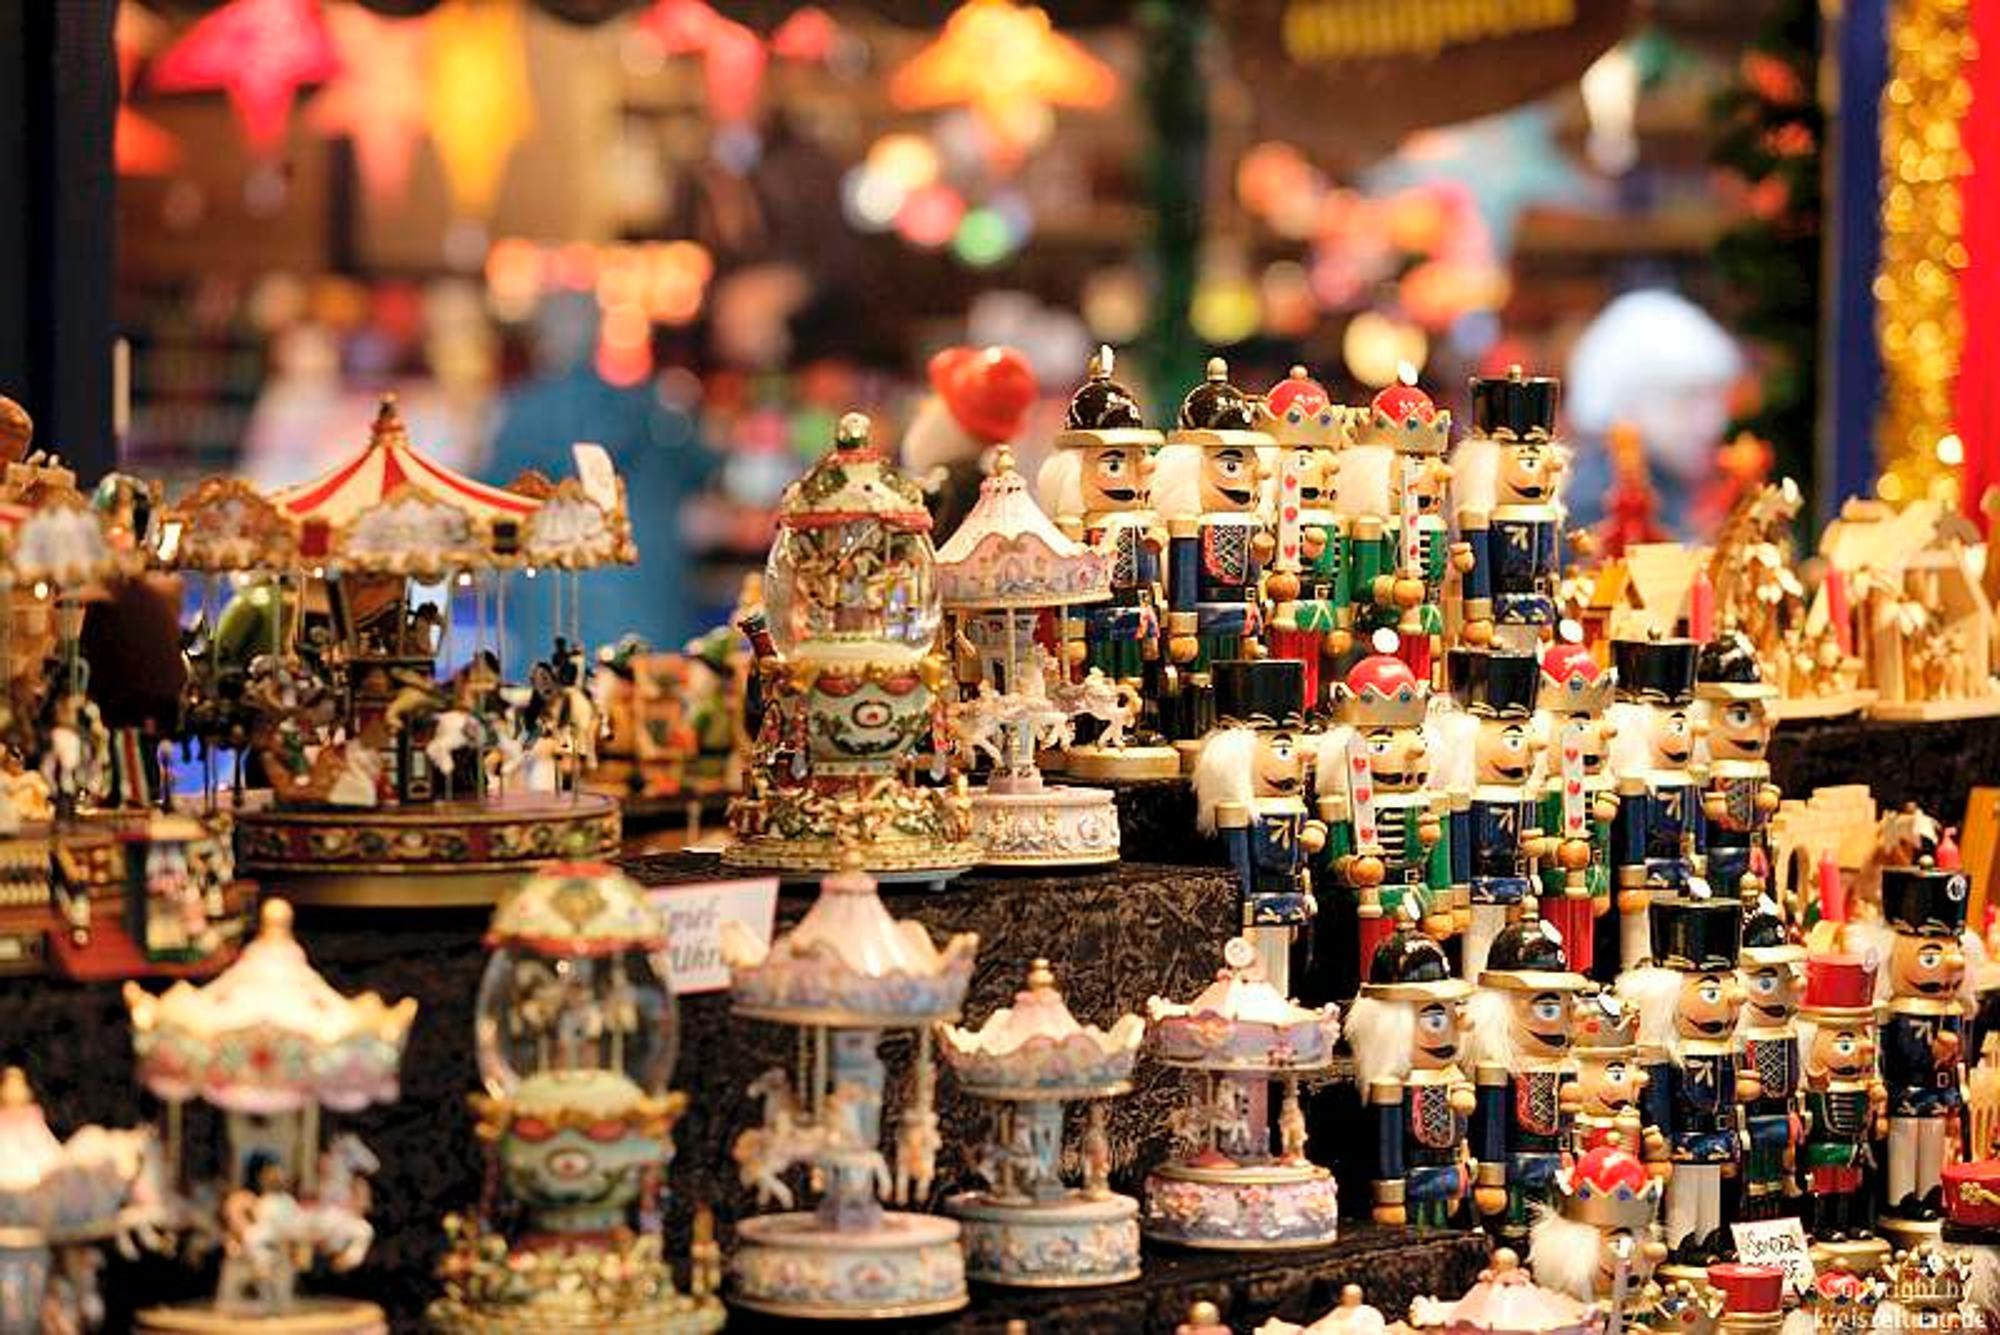 Hamburger Weihnachtsmarkt.Der Hamburger Weihnachtsmarkt Vor Dem Rathaus Ist Vom 21 November